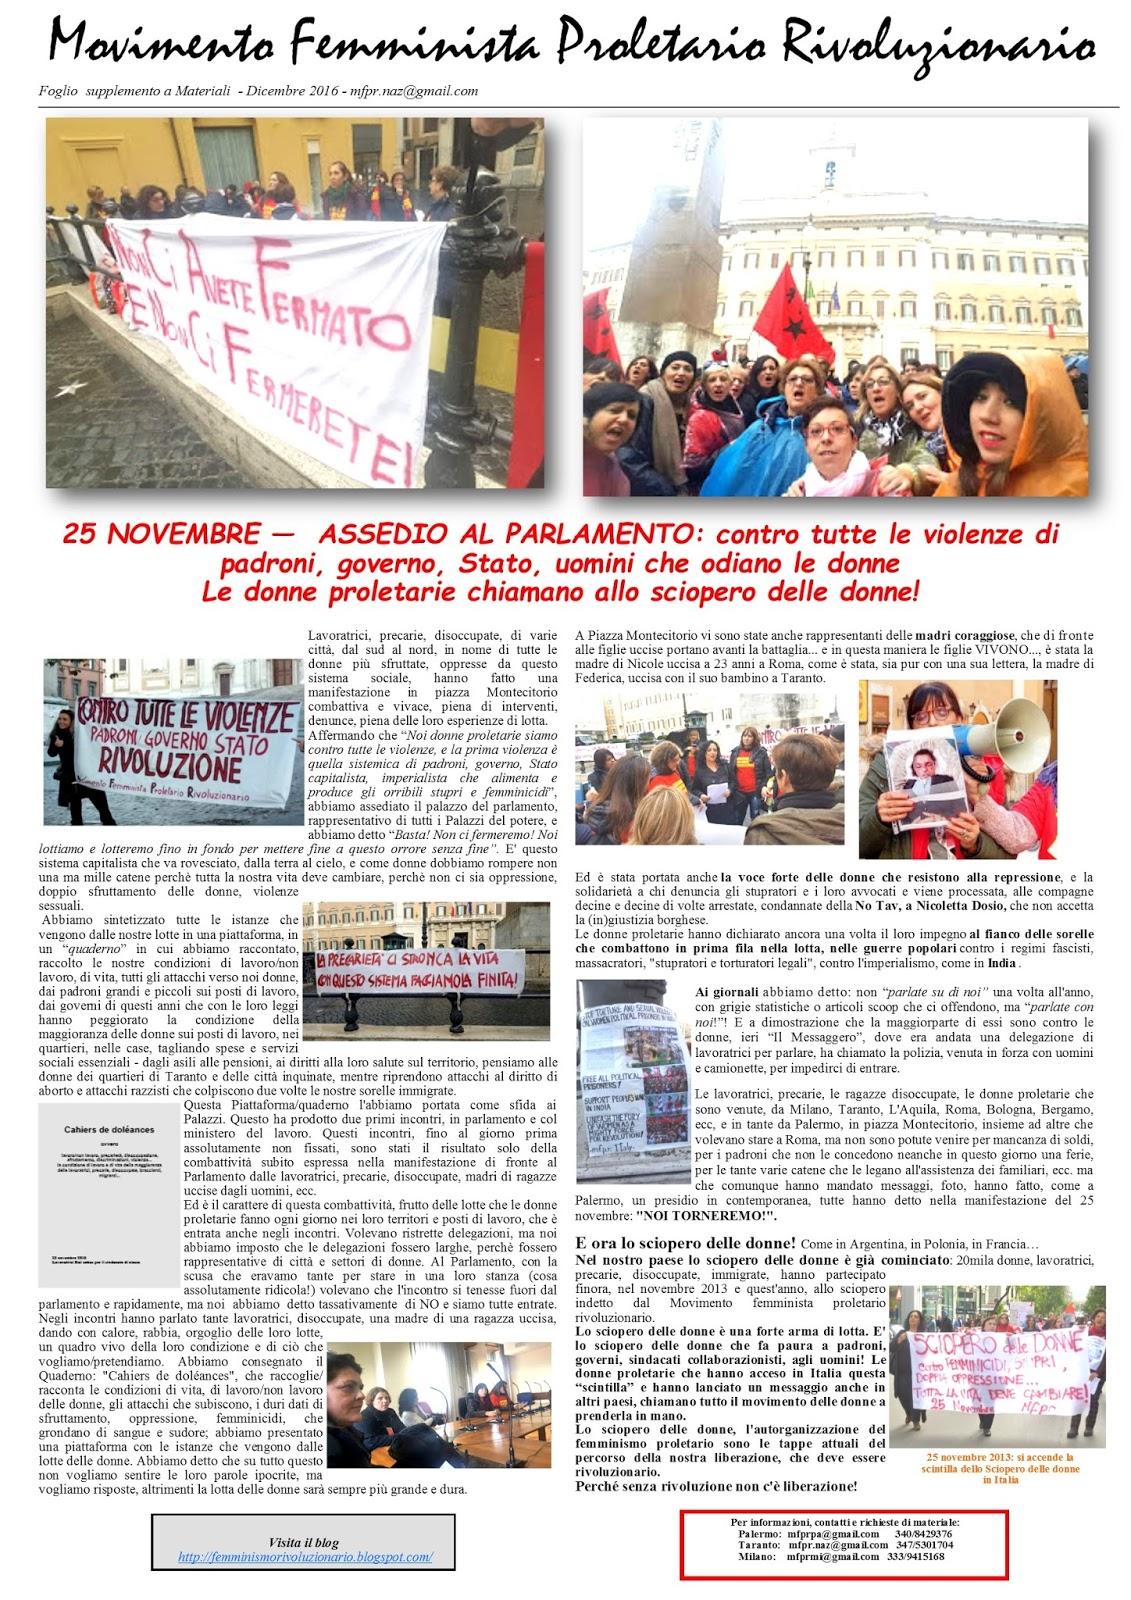 Il foglio Mfpr sul 25/26 Novembre... le donne proletarie chiamano allo sciopero delle donne